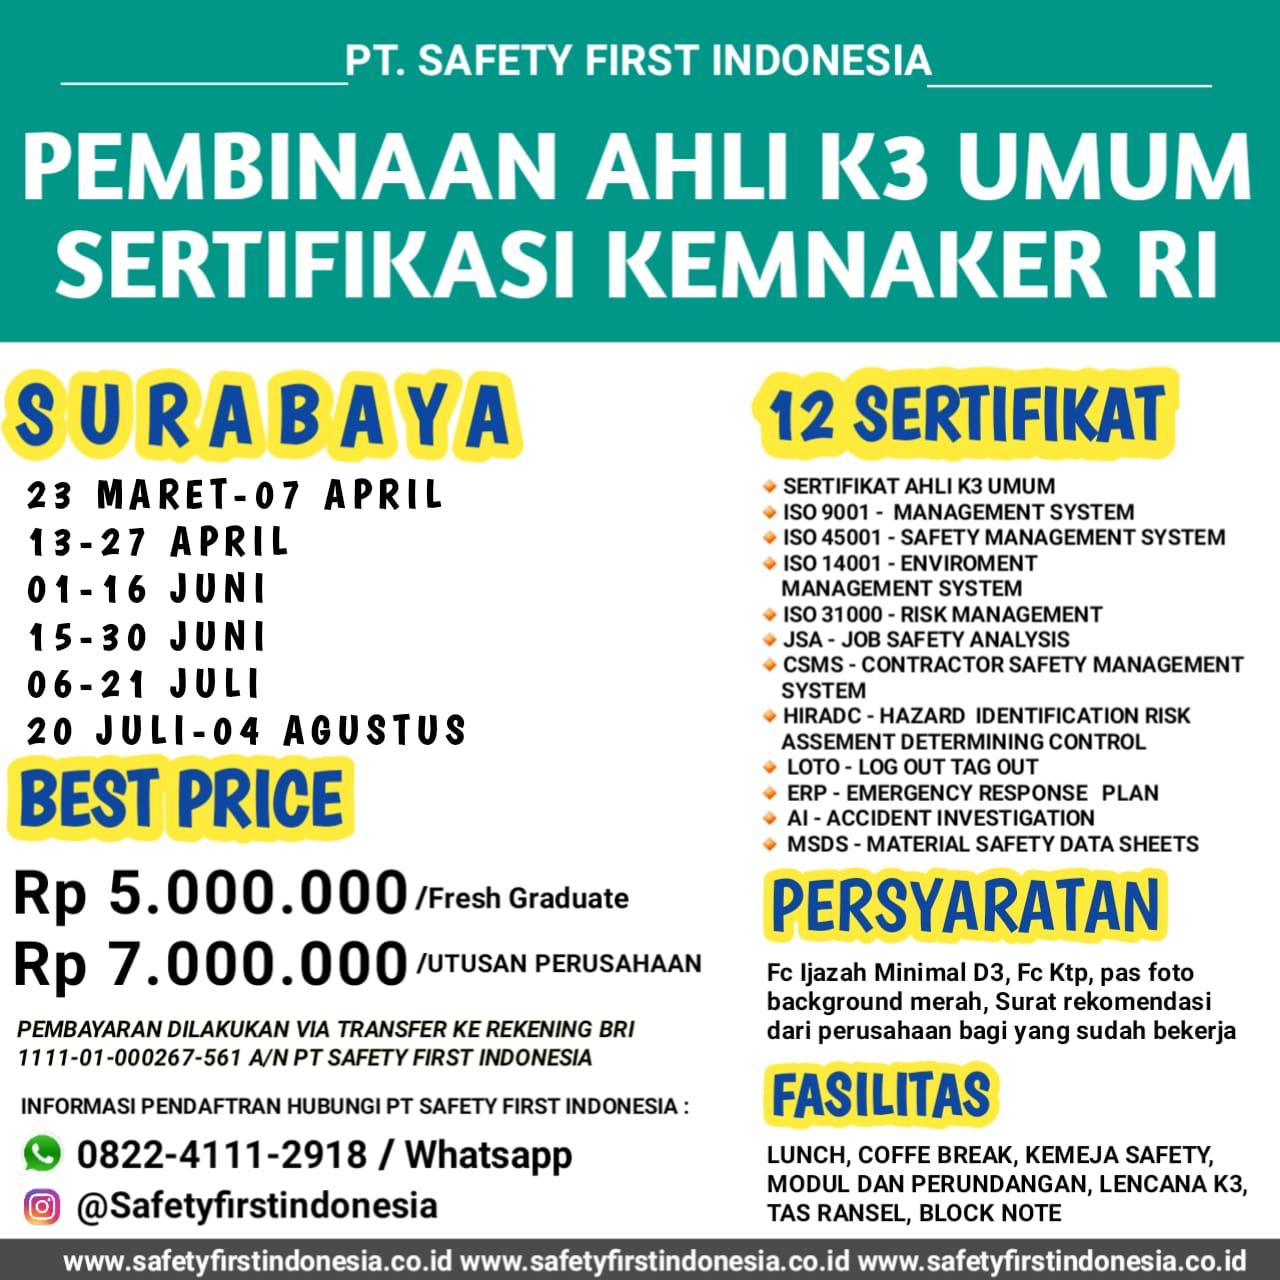 sertifikasi k3 surabaya